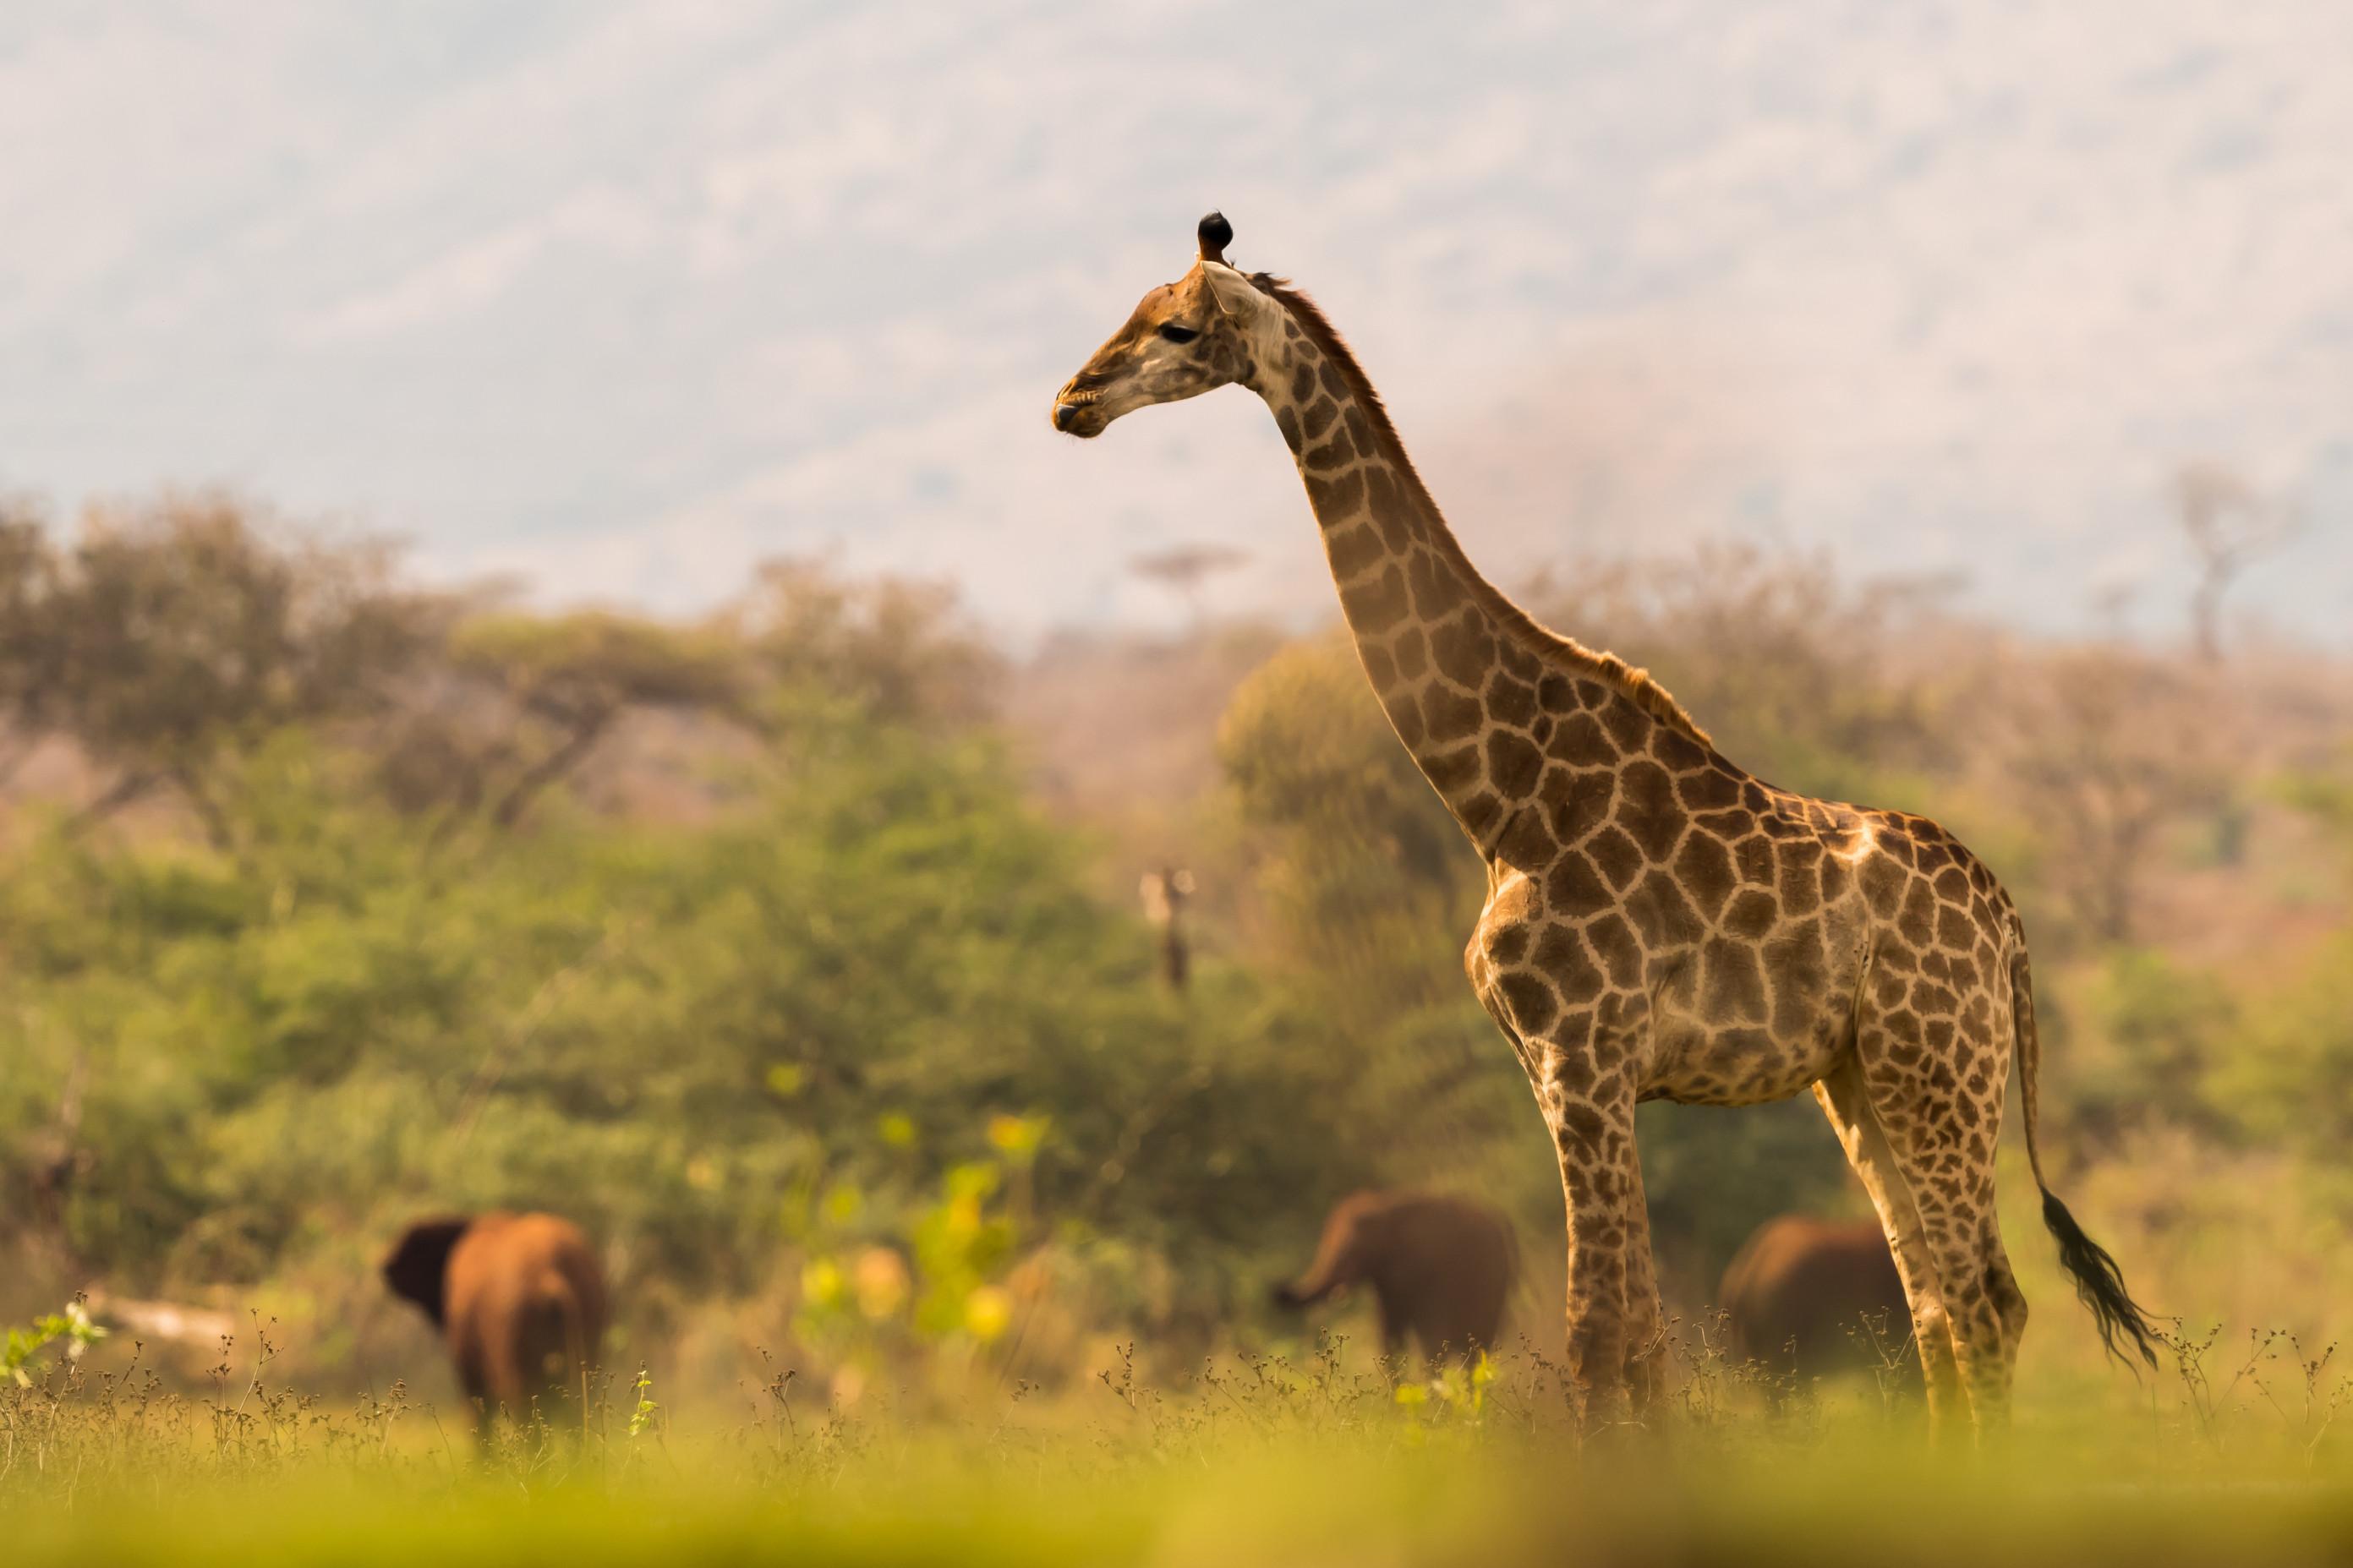 wildlife zimanga 0323